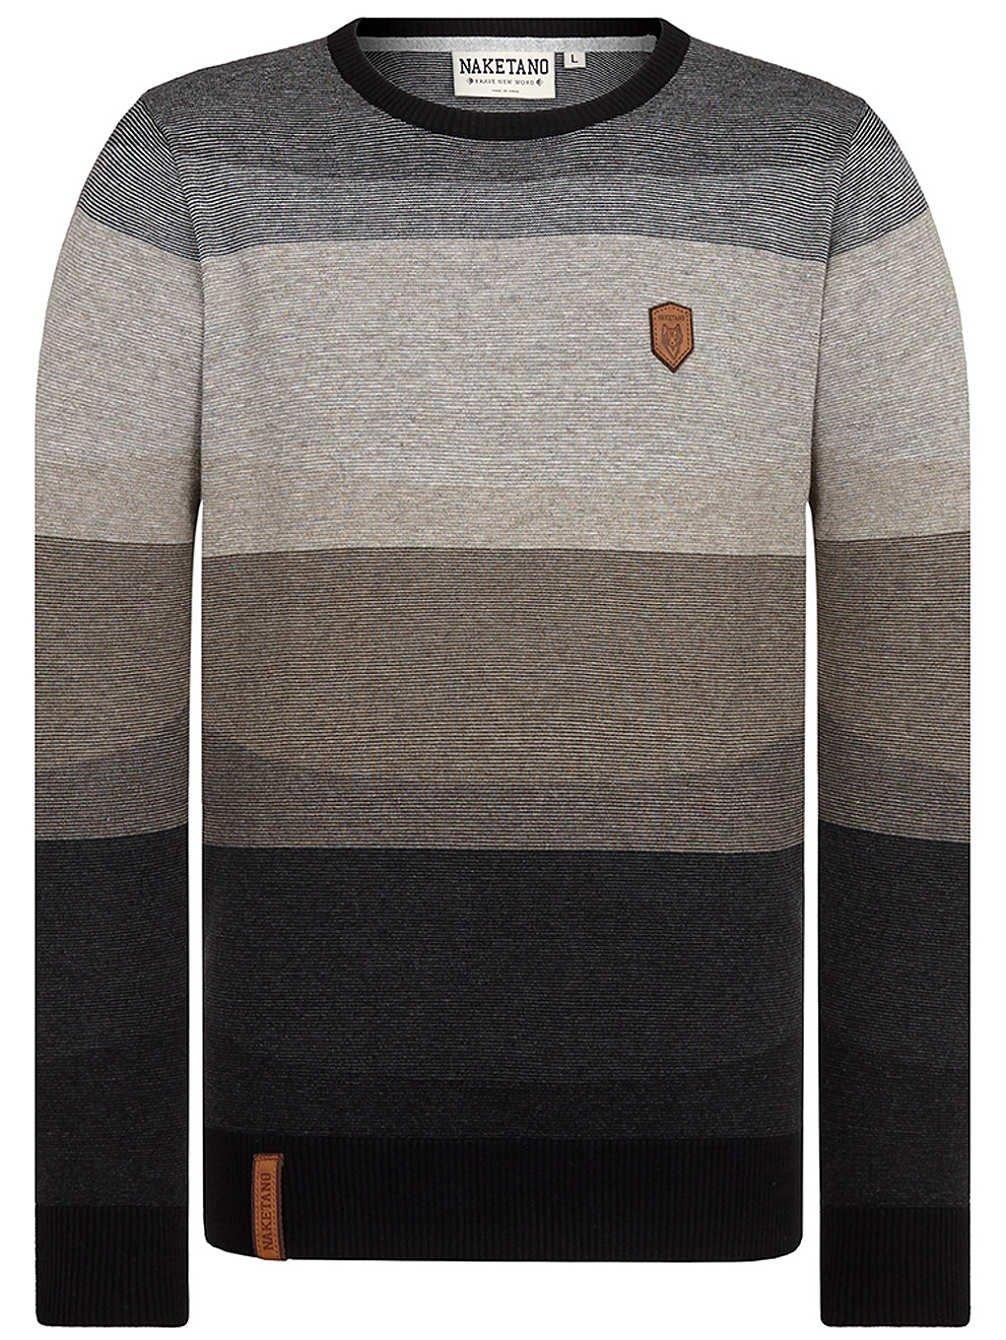 Knitwear Men Naketano Analverkehr Nicht Schwer Pullover: Amazon.co.uk:  Clothing